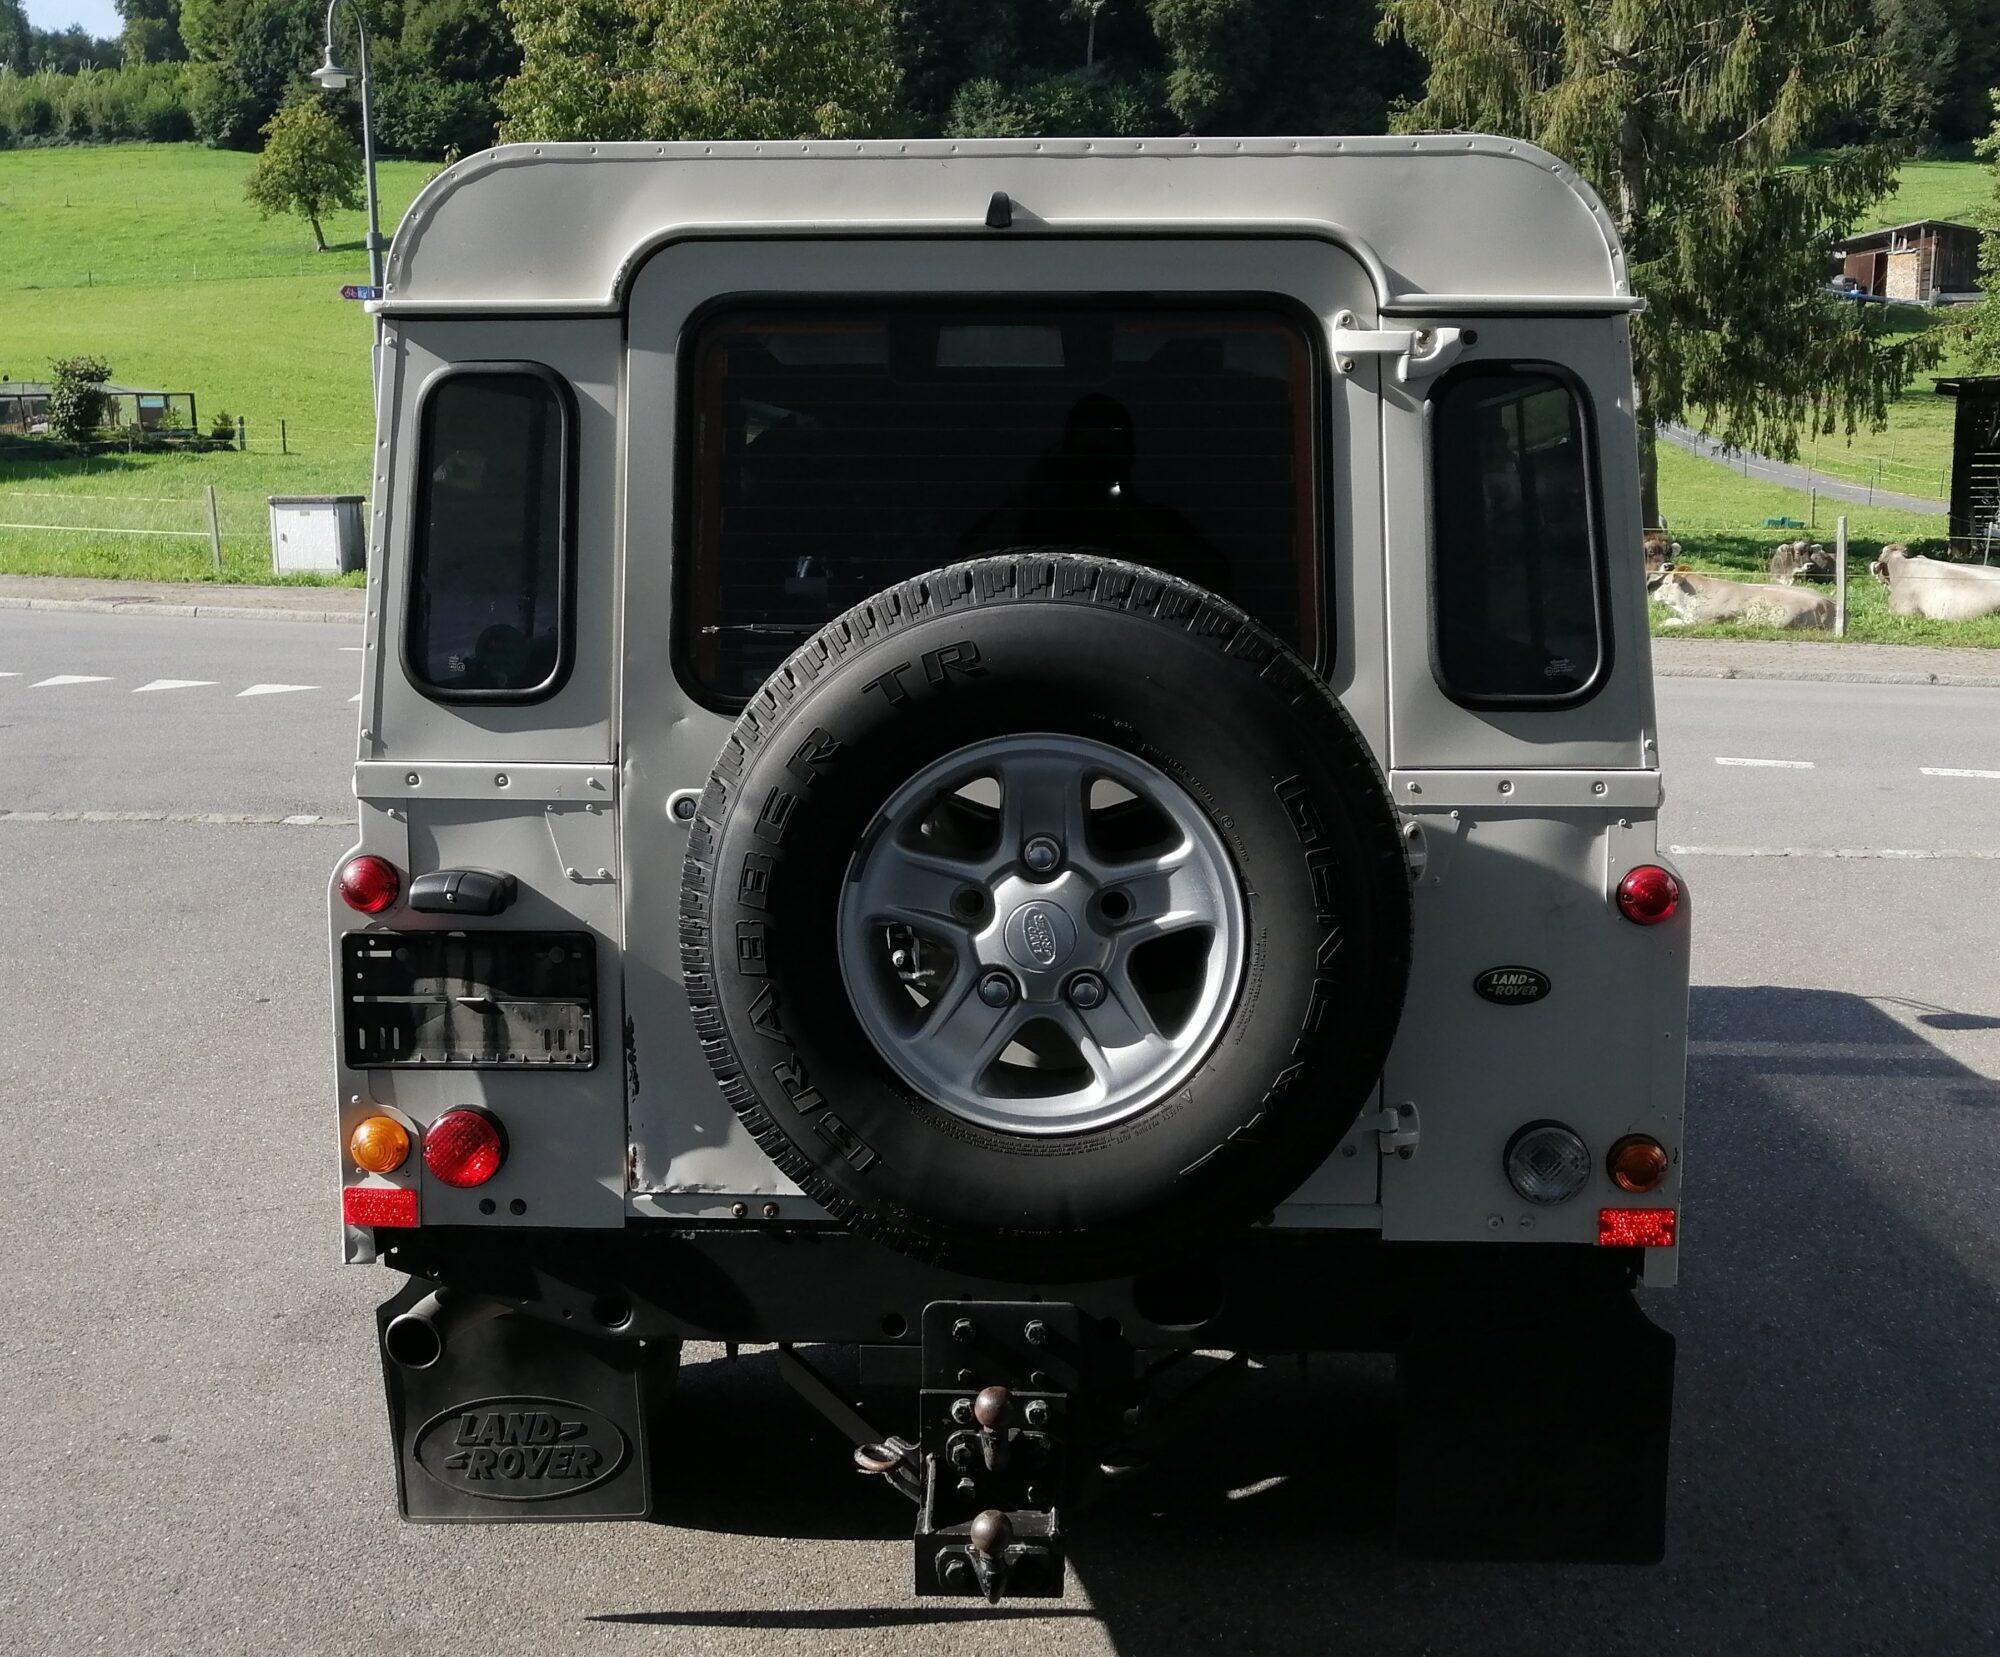 4x4schweiz Marktplatz Land Rover Defender 110 Td 5 Zu Verkaufen